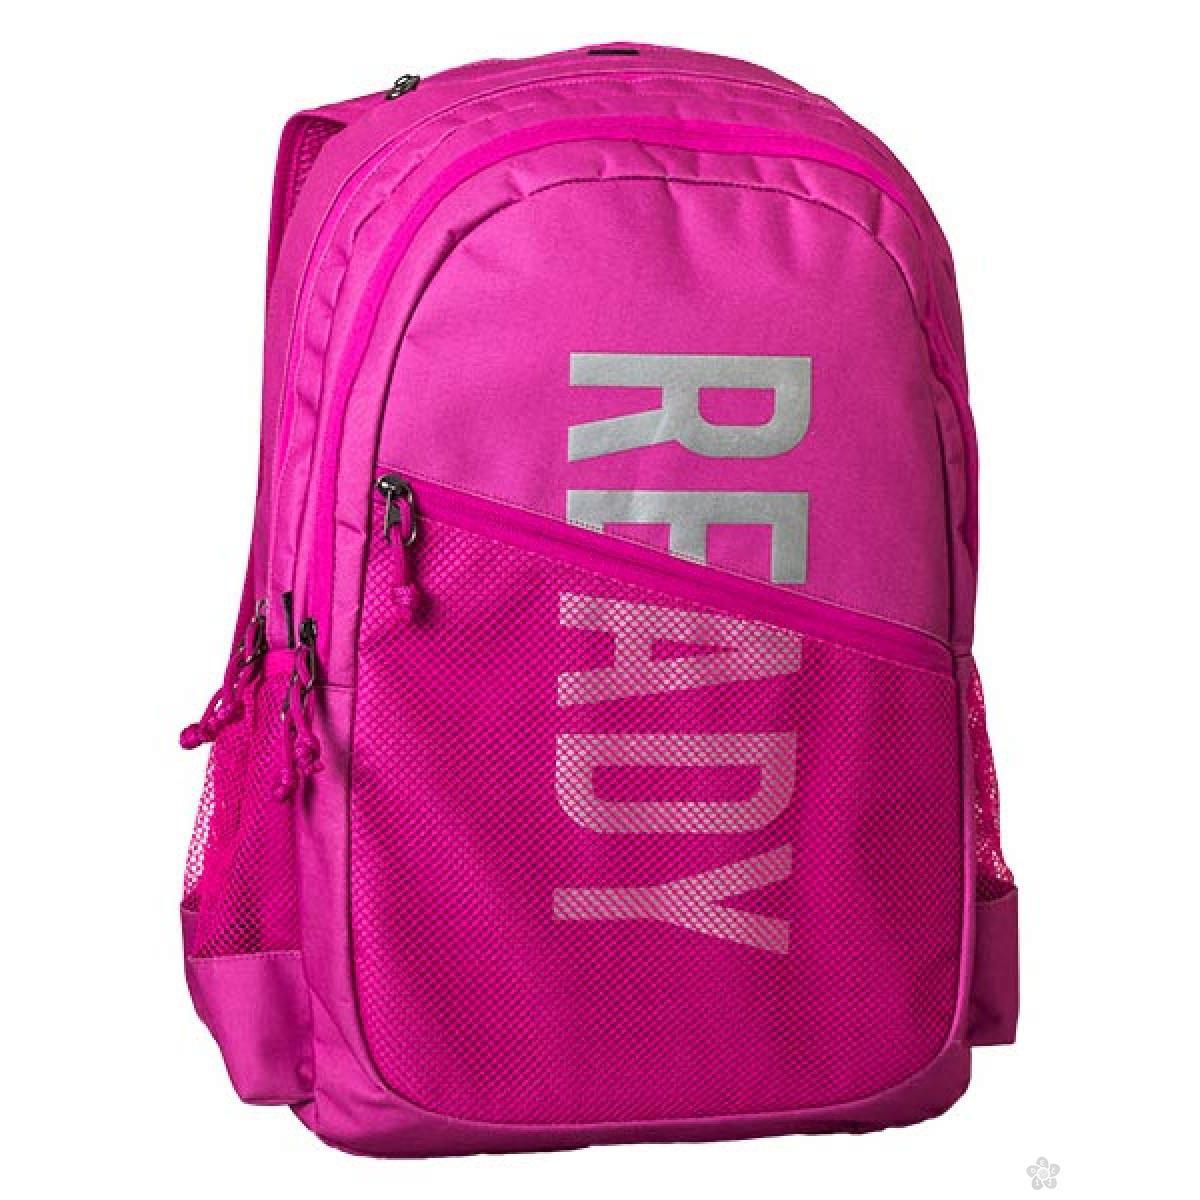 Ergonomski ranac Ready Pink 100560